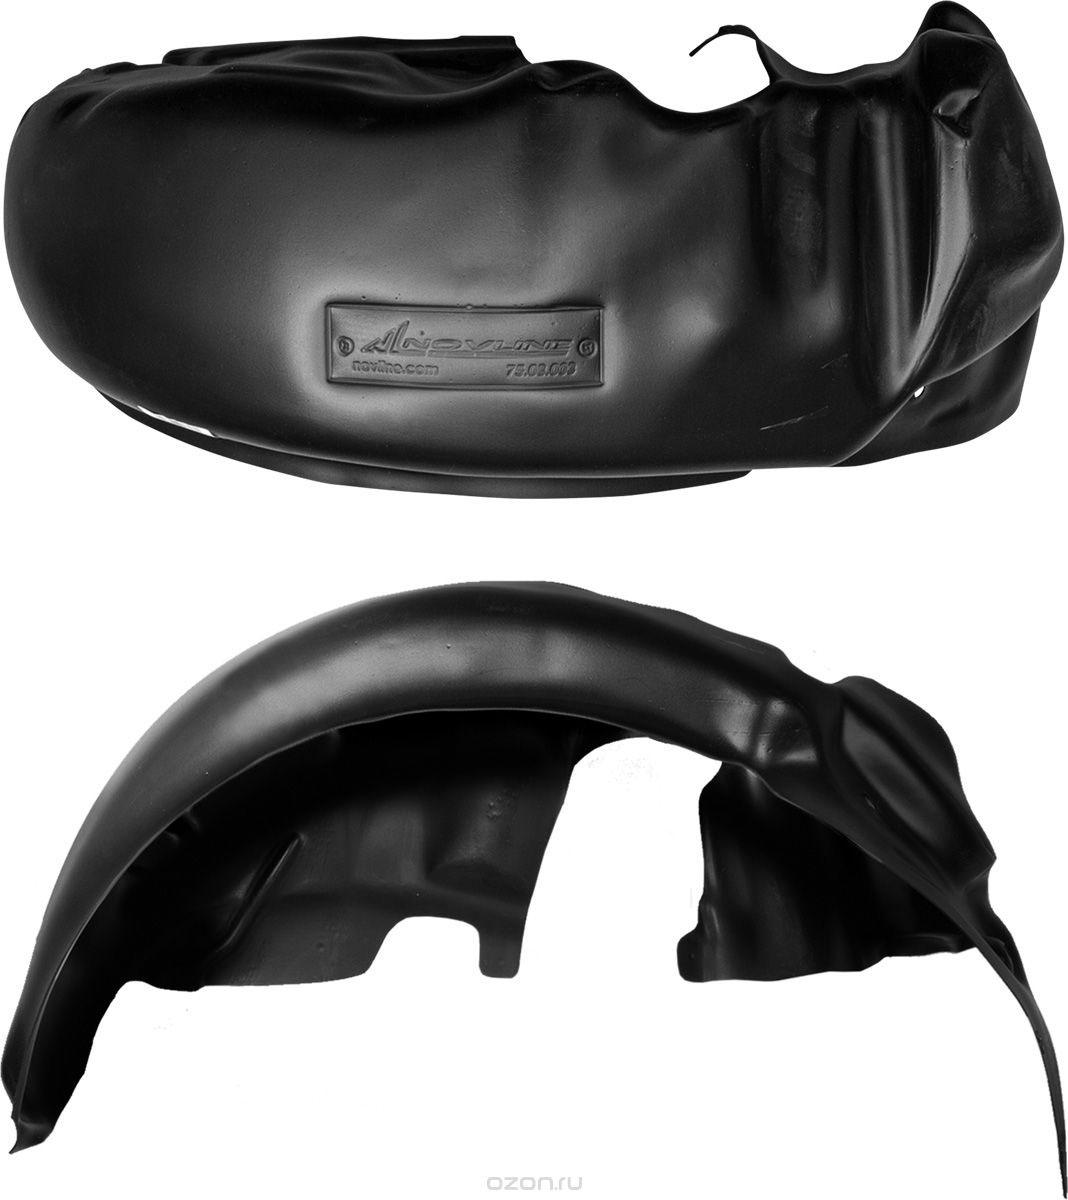 Подкрылок Novline-Autofamily, для FAW V5, 2013->, задний левыйкн12-60авцИдеальная защита колесной ниши. Локеры разработаны с применением цифровых технологий, гарантируют максимальную повторяемость поверхности арки. Изделия устанавливаются без нарушения лакокрасочного покрытия автомобиля, каждый подкрылок комплектуется крепежом. Уважаемые клиенты, обращаем ваше внимание, что фотографии на подкрылки универсальные и не отражают реальную форму изделия. При этом само изделие идет точно под размер указанного автомобиля.